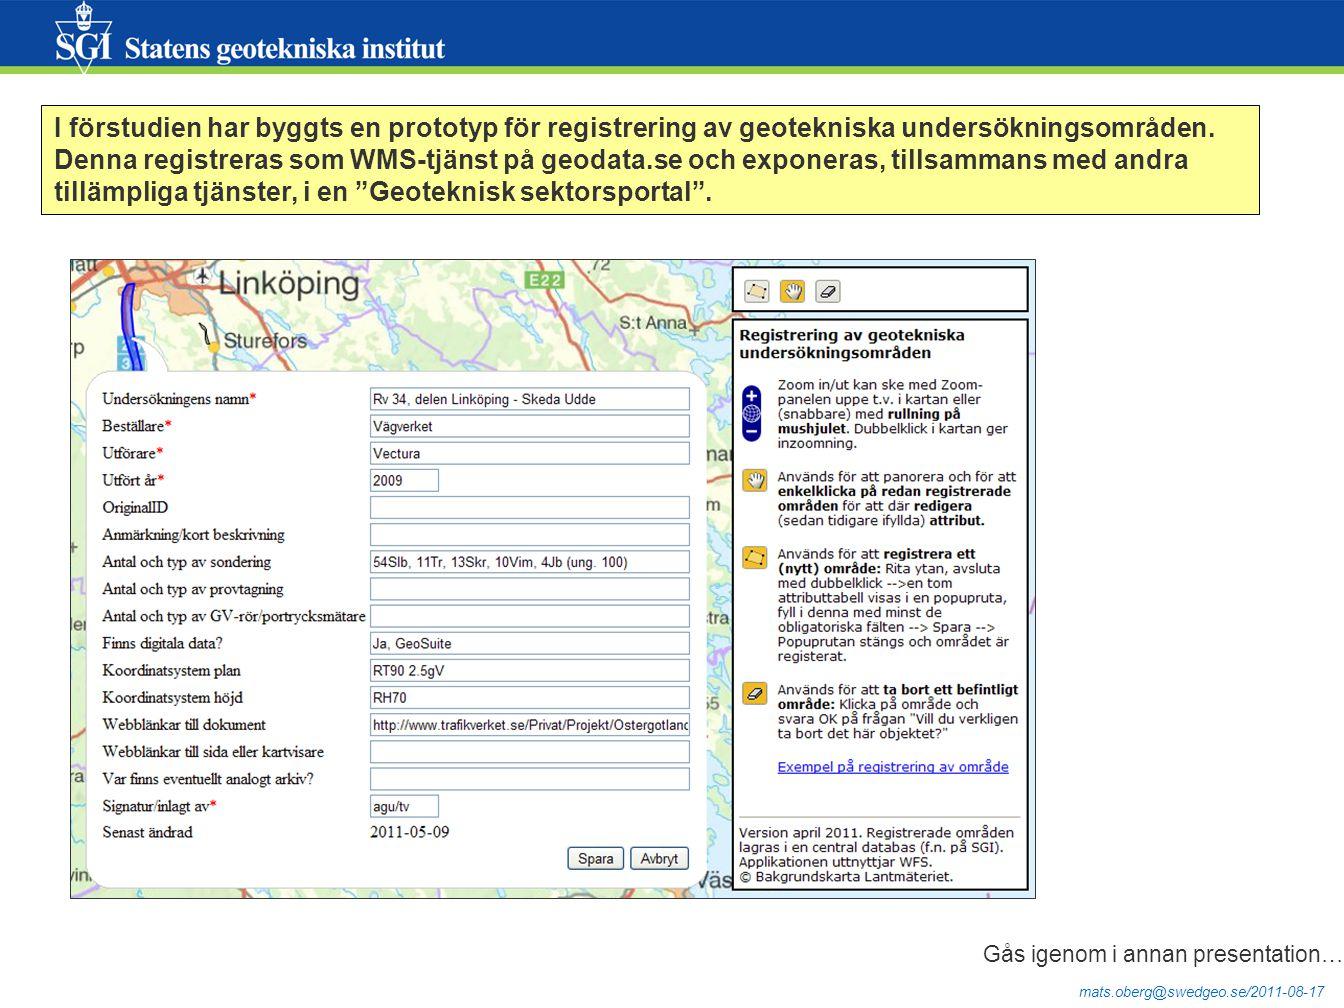 mats.oberg@swedgeo.se/2011-08-17 I förstudien har byggts en prototyp för registrering av geotekniska undersökningsområden. Denna registreras som WMS-t